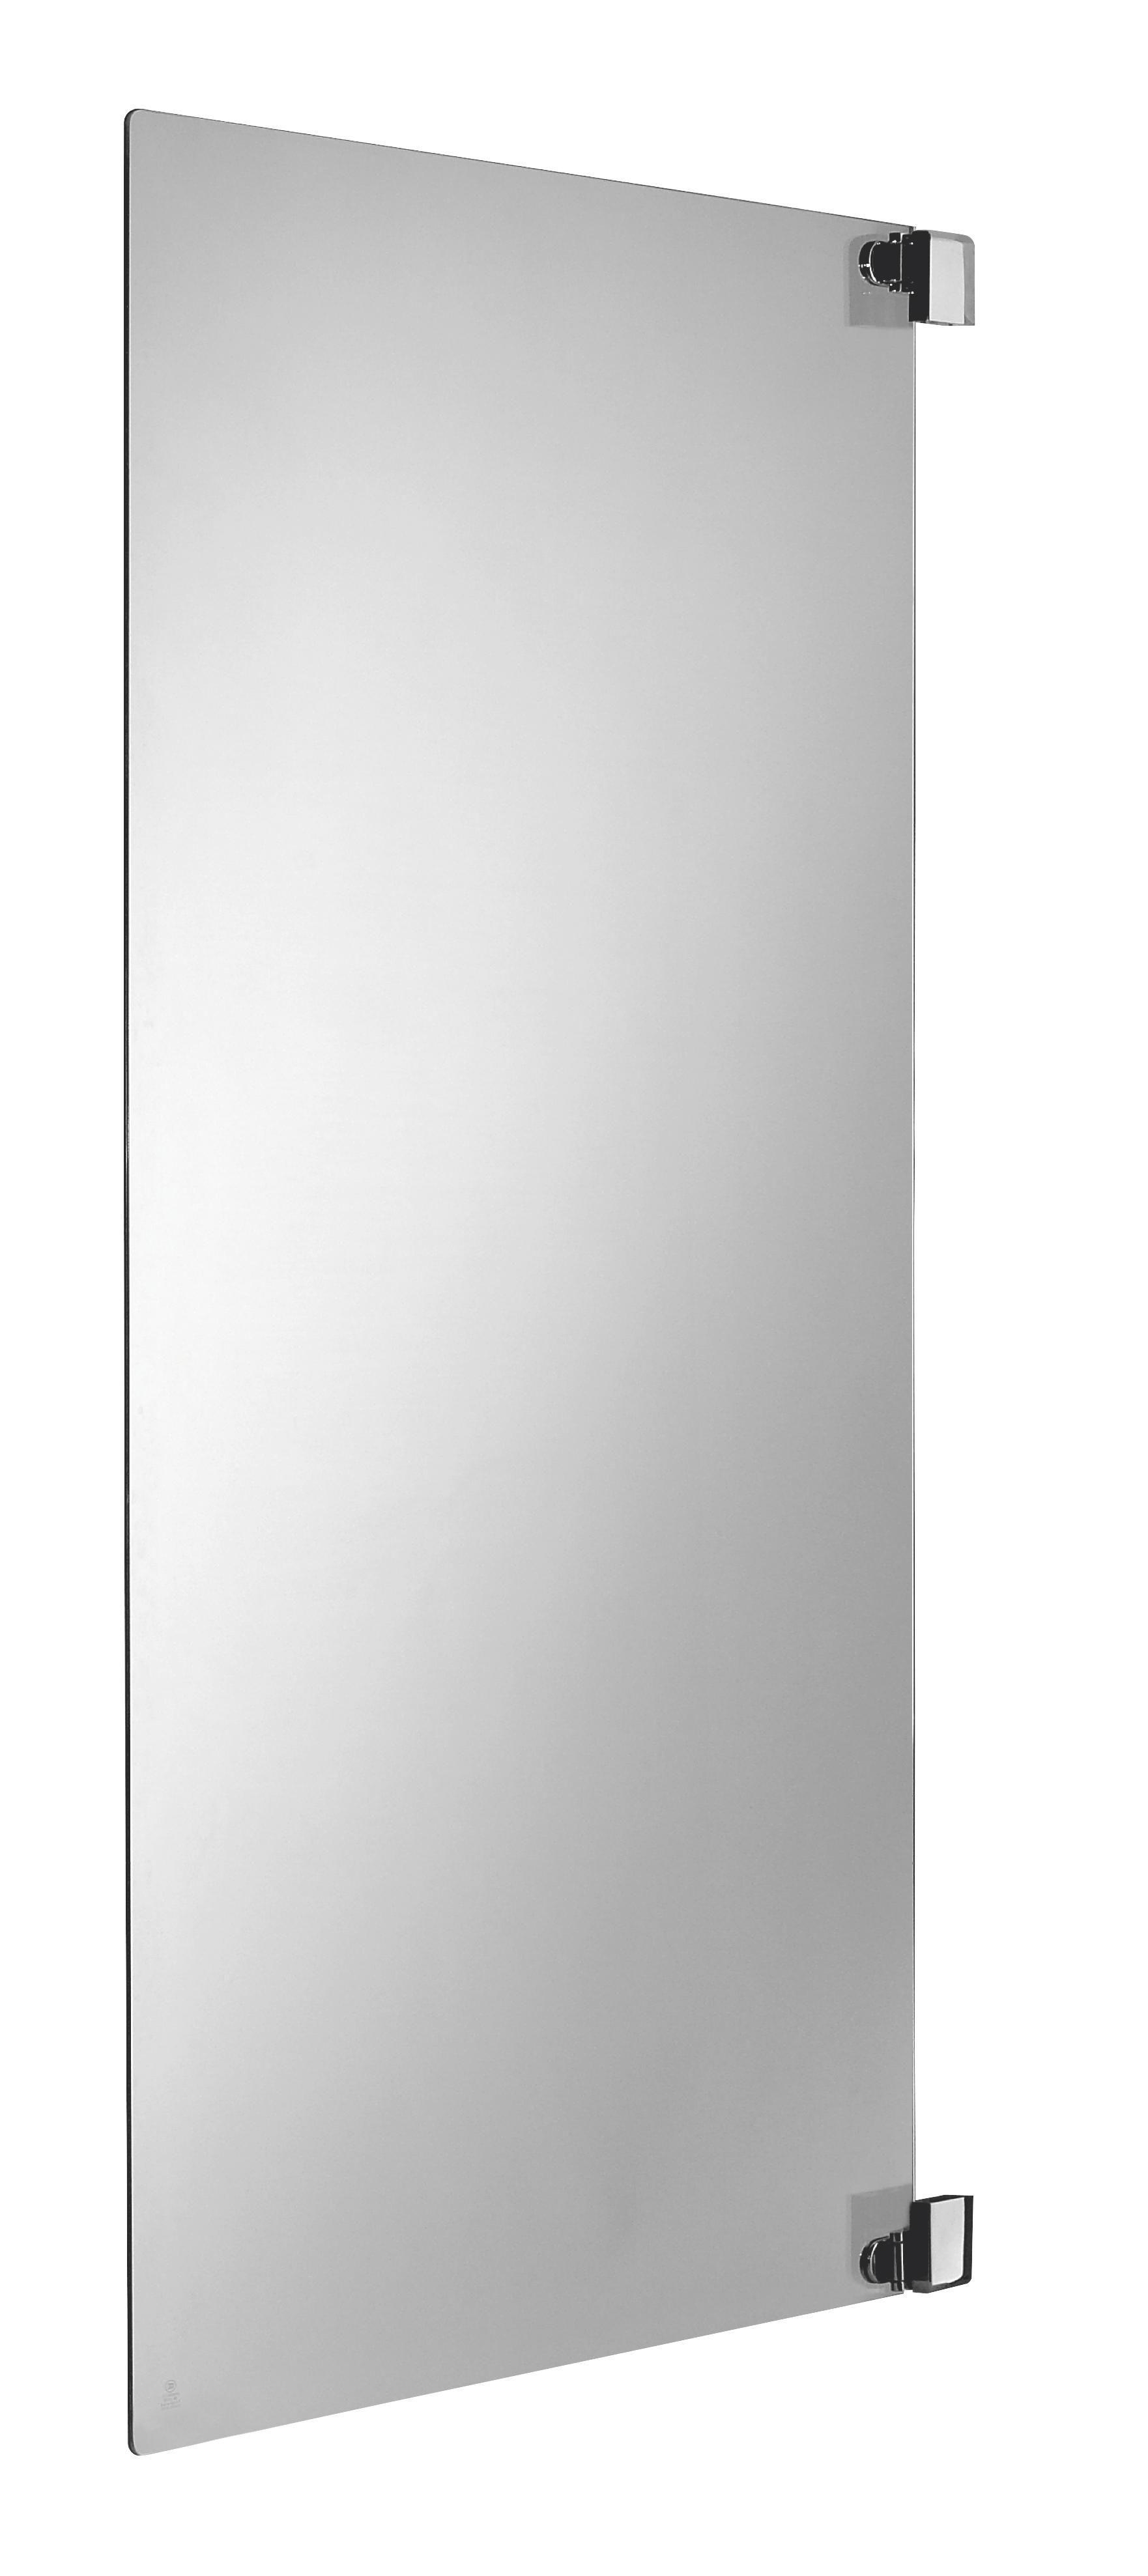 Hinged Bathroom Mirrors Bathroom Design Ideas